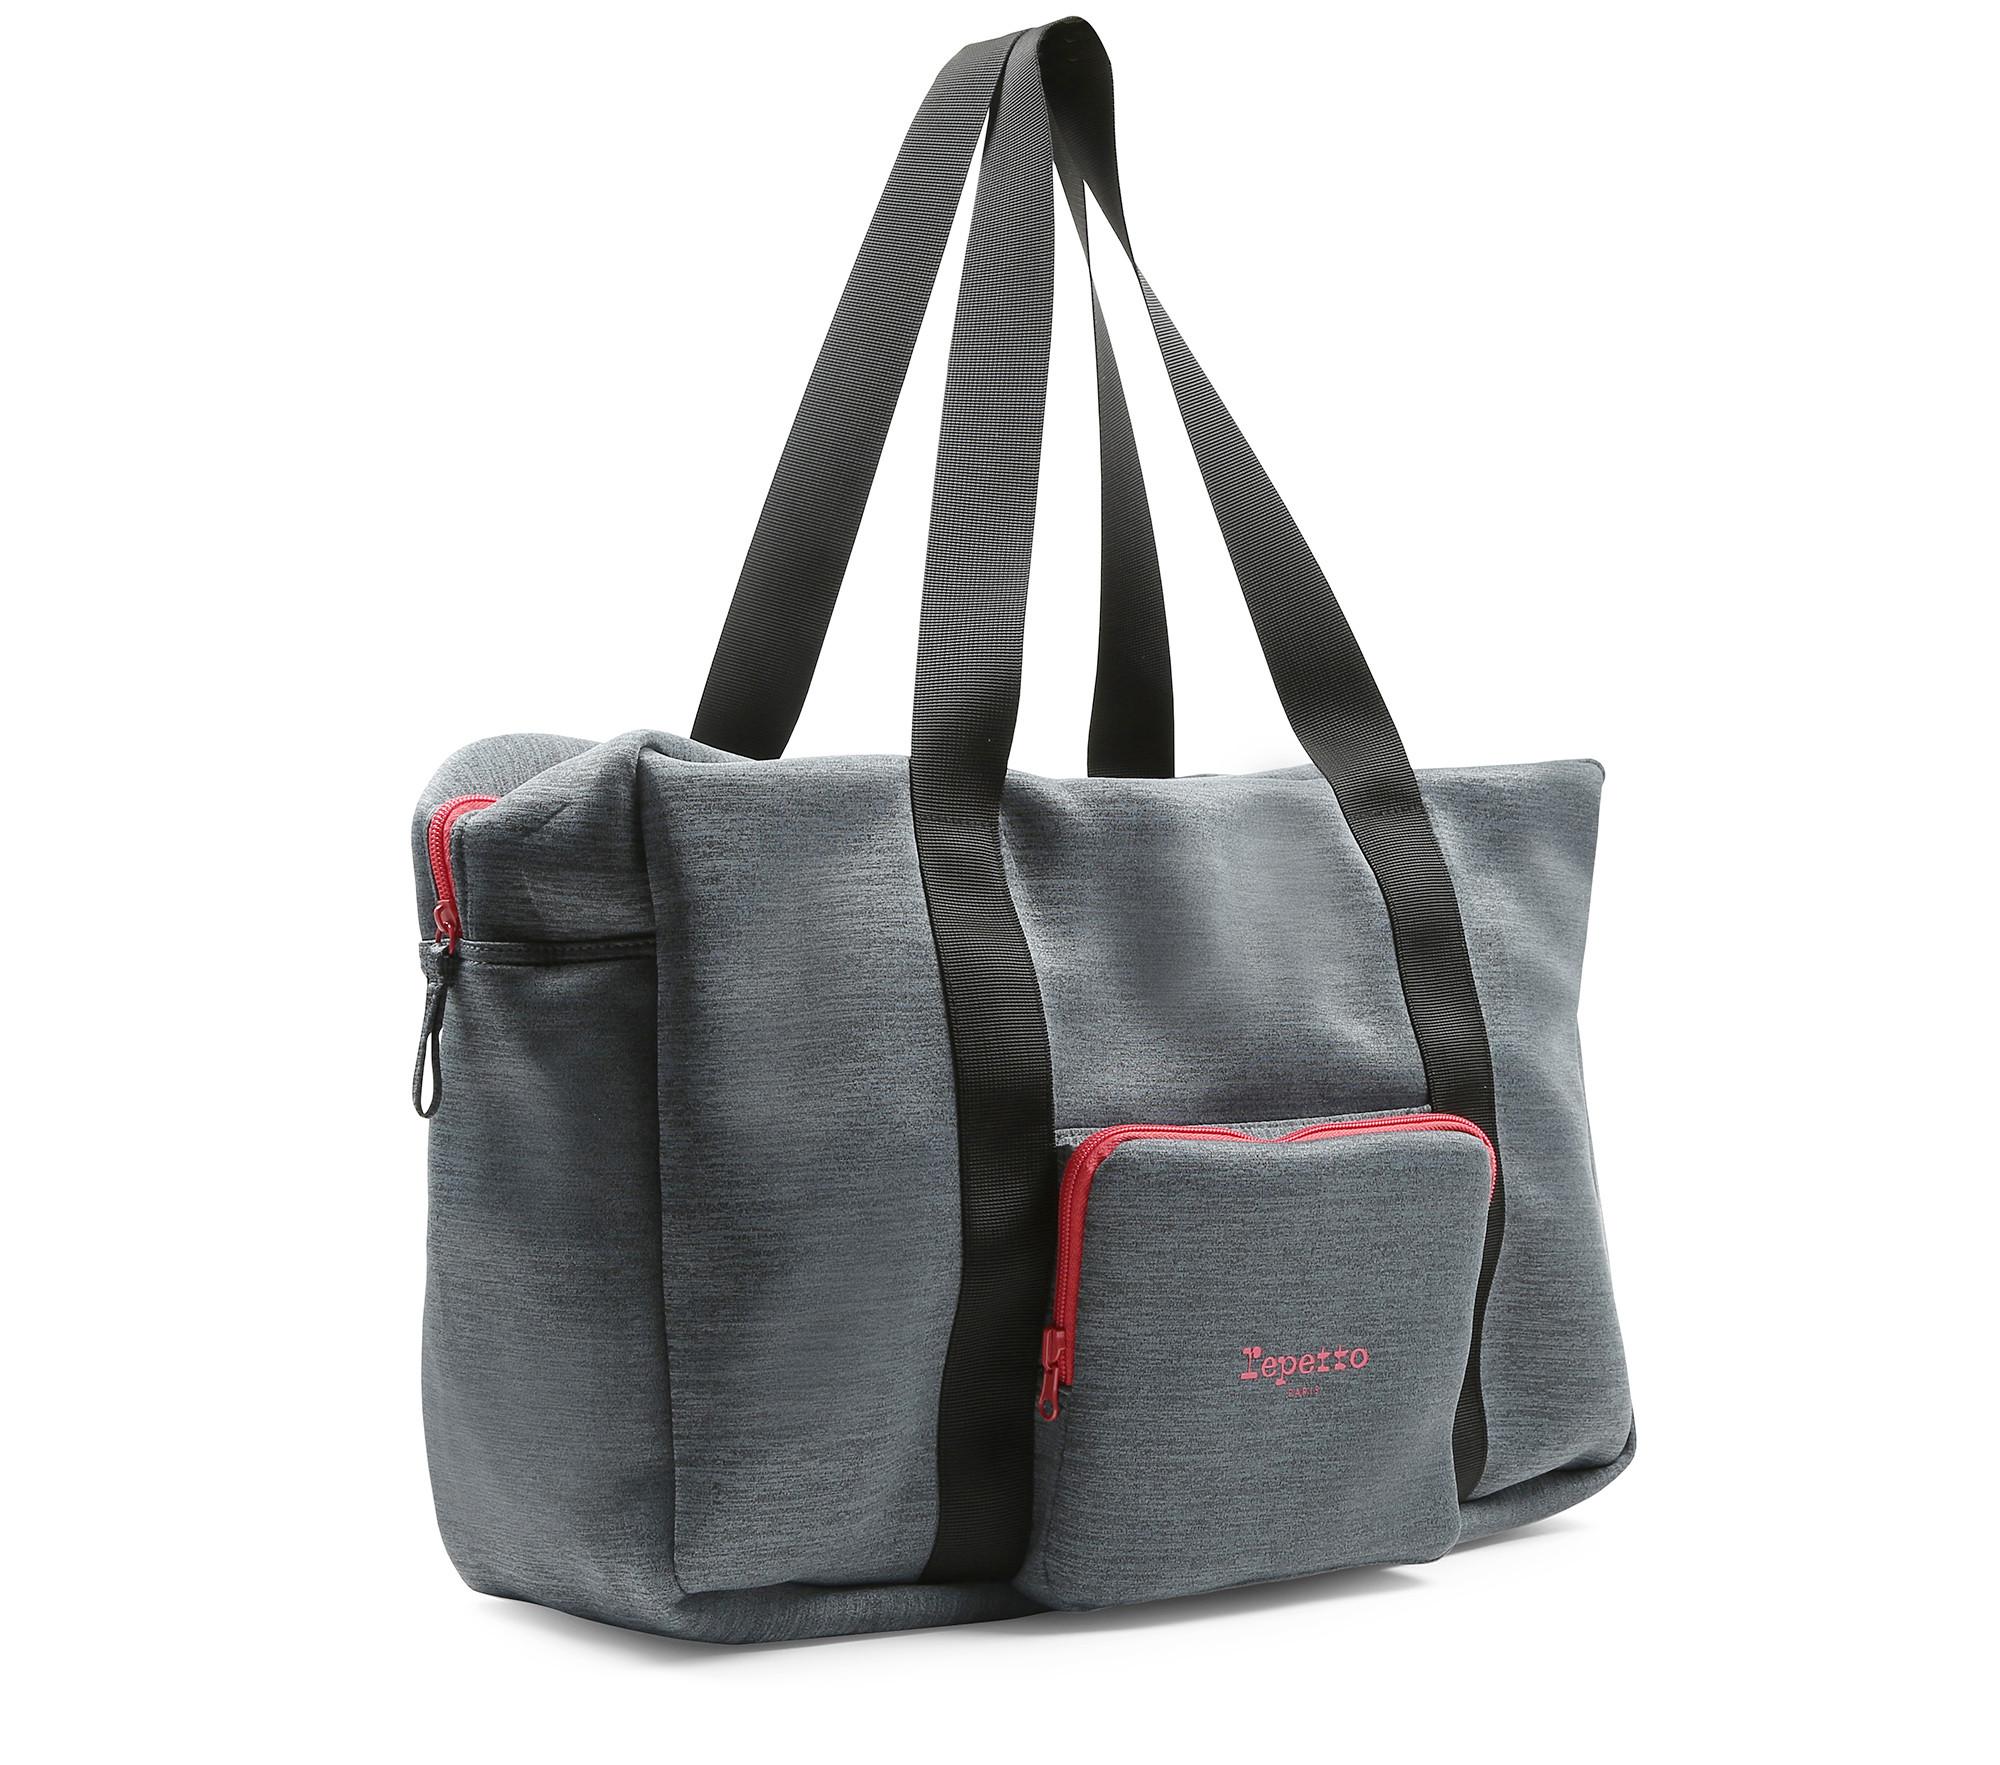 Équilibre large bag